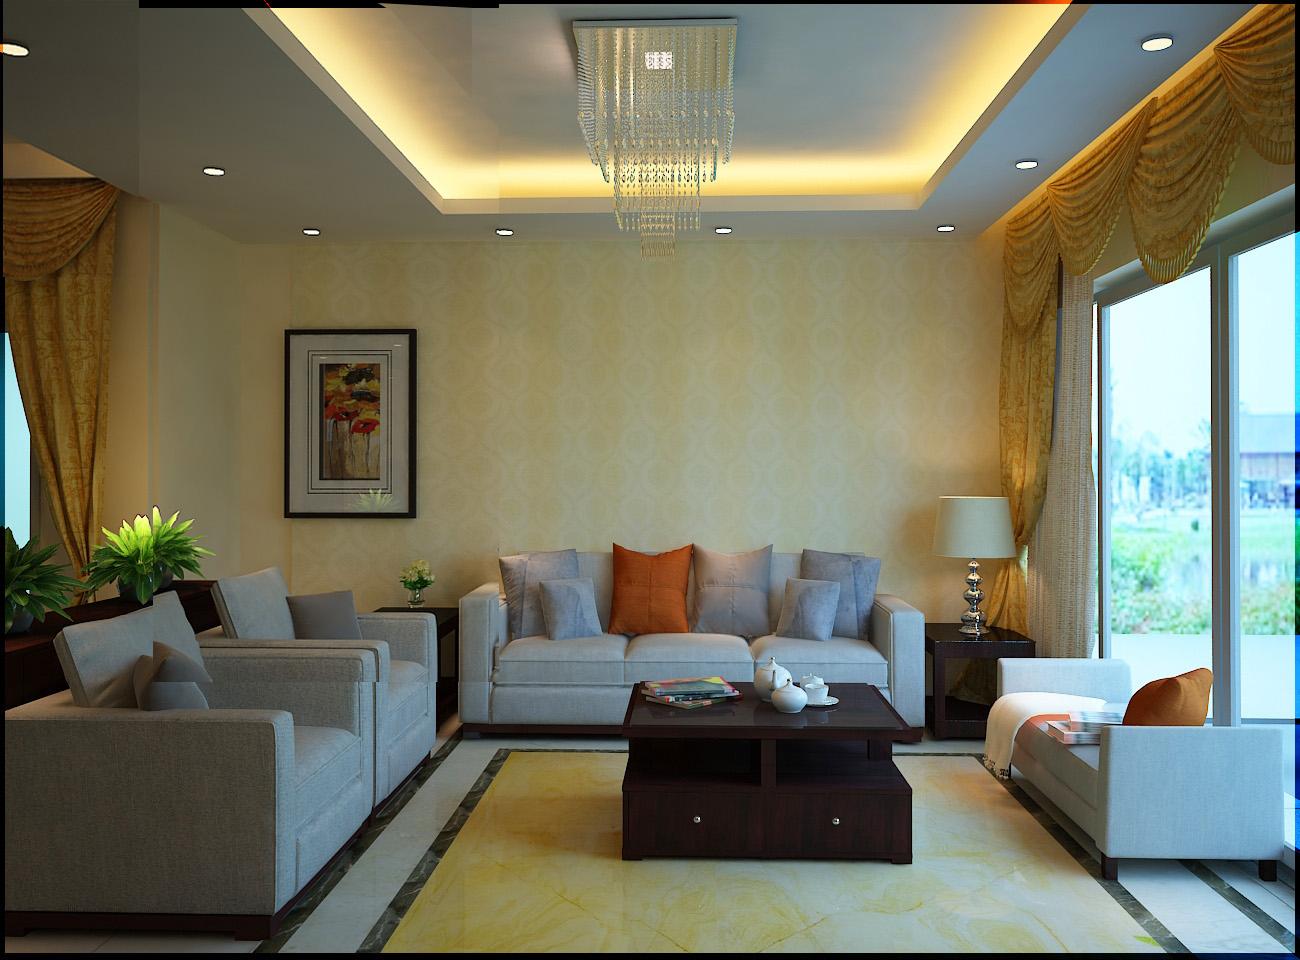 9 Thiết kế nội thất giá rẻ ở Hà Nội, Dịch Vụ Thiết kế nội thất tại Hà Nội Giá rẻ